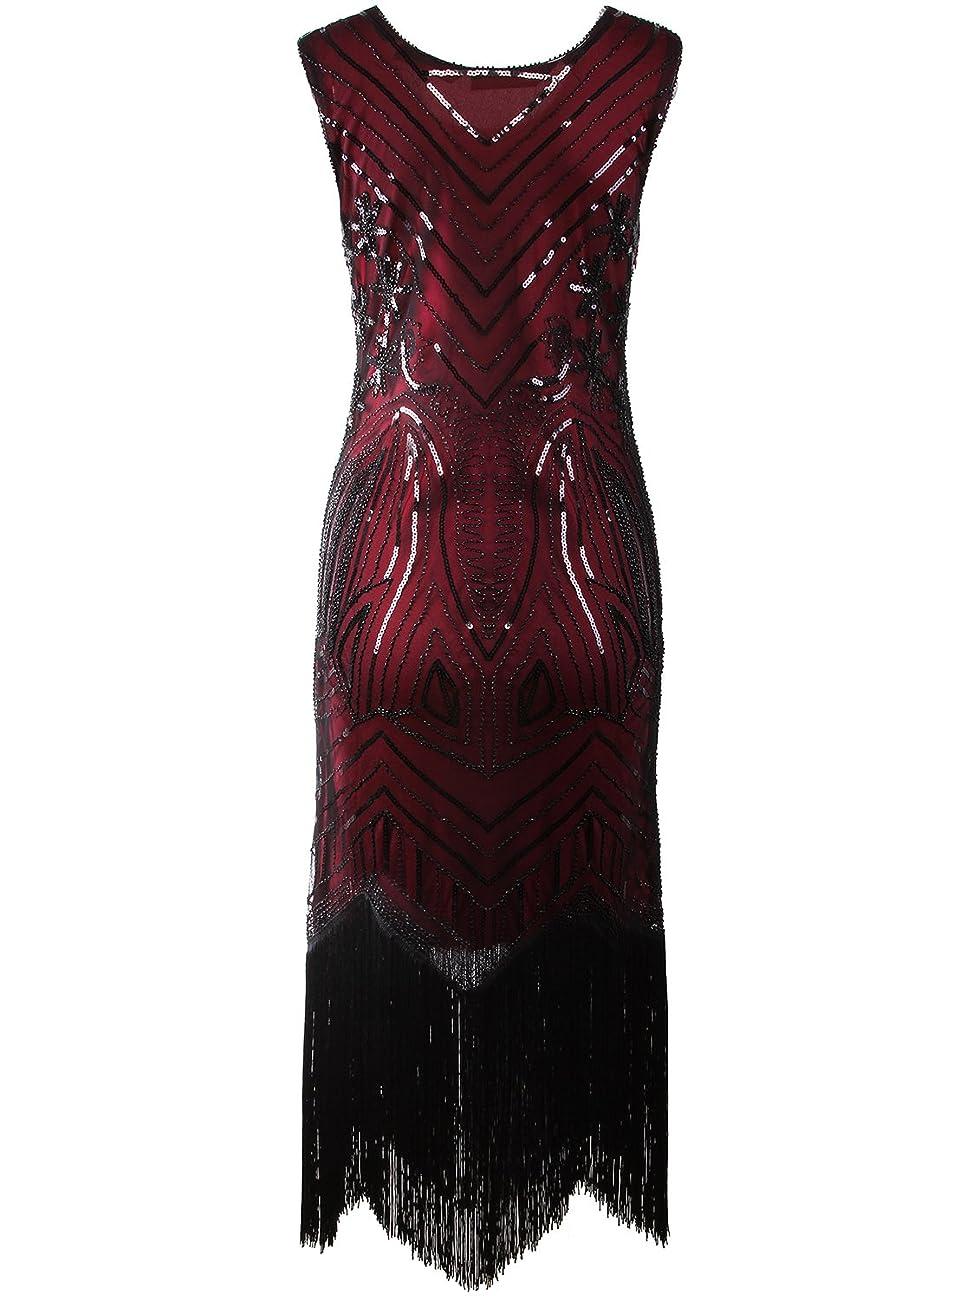 Vijiv Long Prom 1920's Vintage Gatsby Bead Sequin Art Nouveau Deco Flapper Dress 1